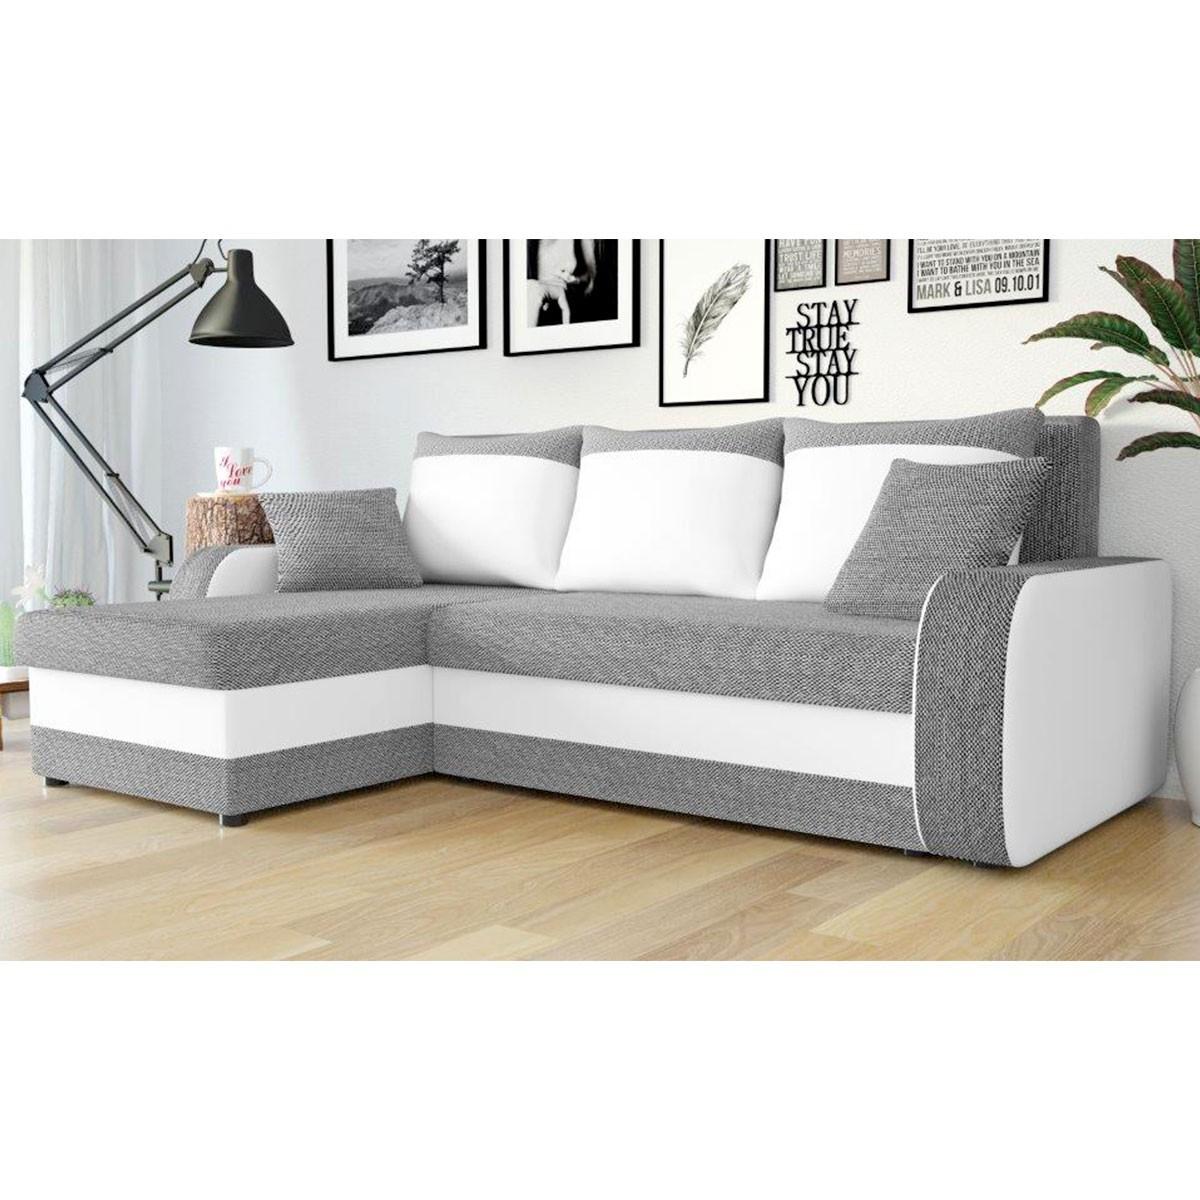 Canapé d angle réversible et convertible gris et blanc